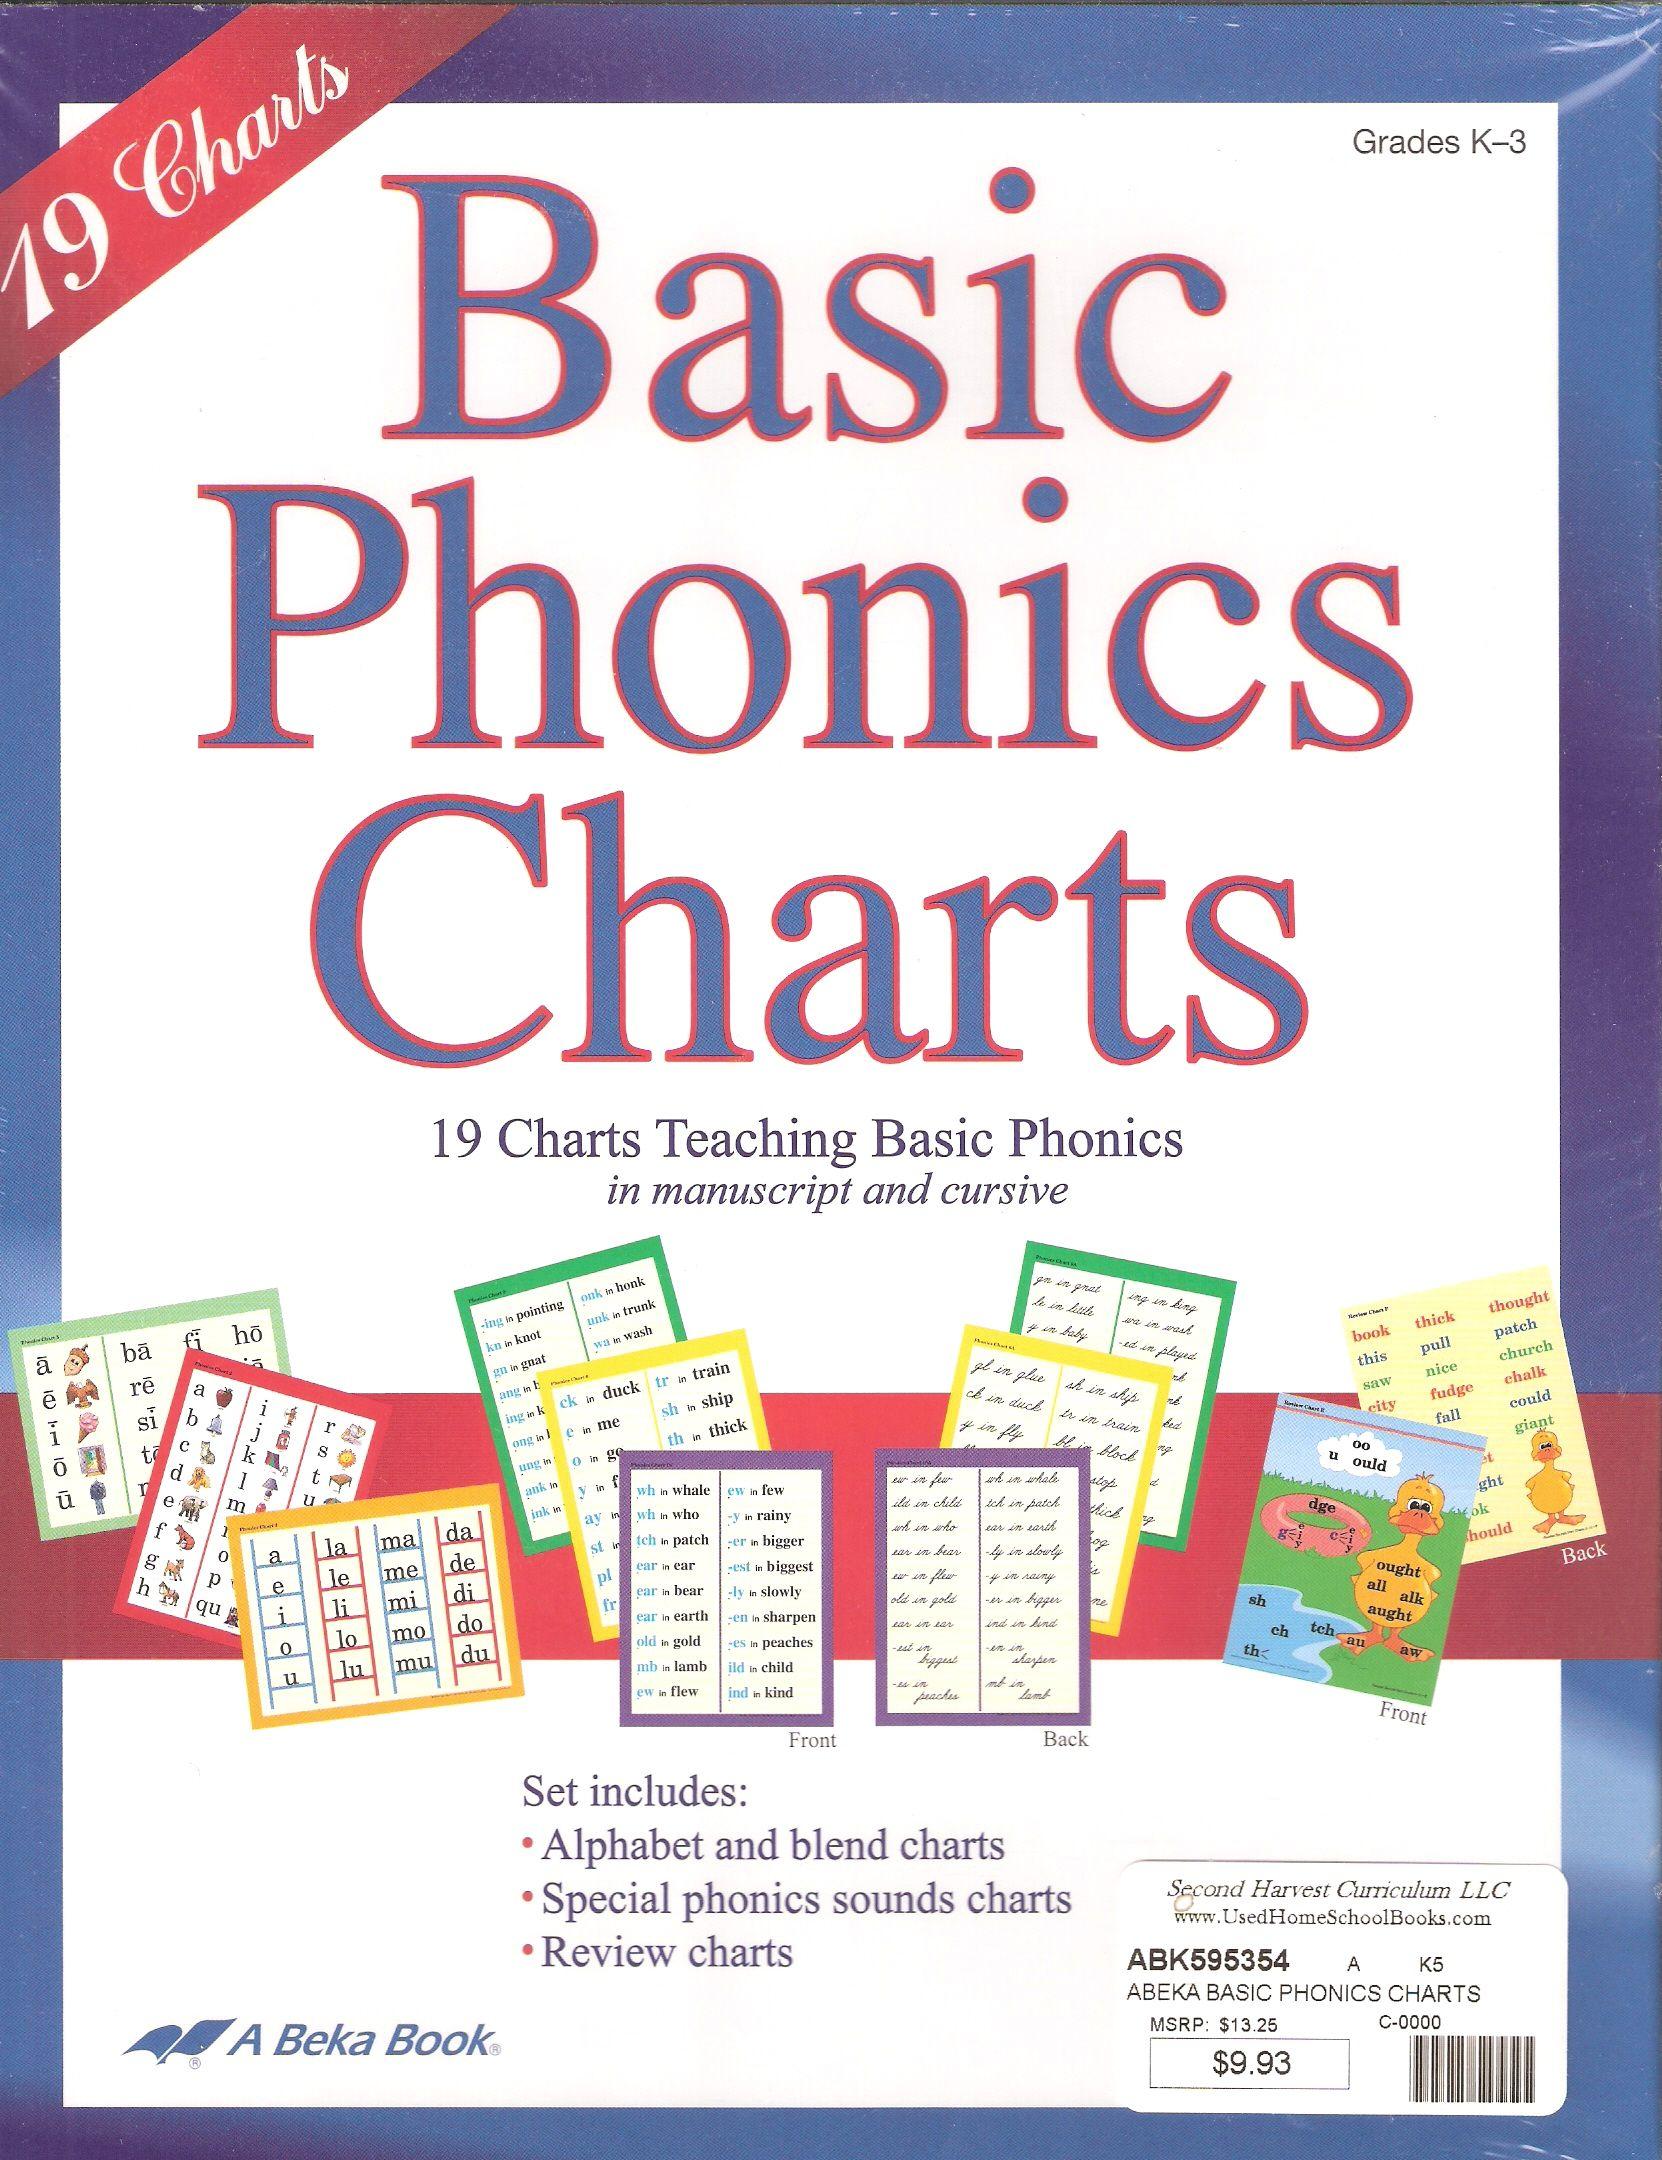 Cheap And Useful Phonics Chart Phonics Sounds Chart Abeka [ 2160 x 1662 Pixel ]